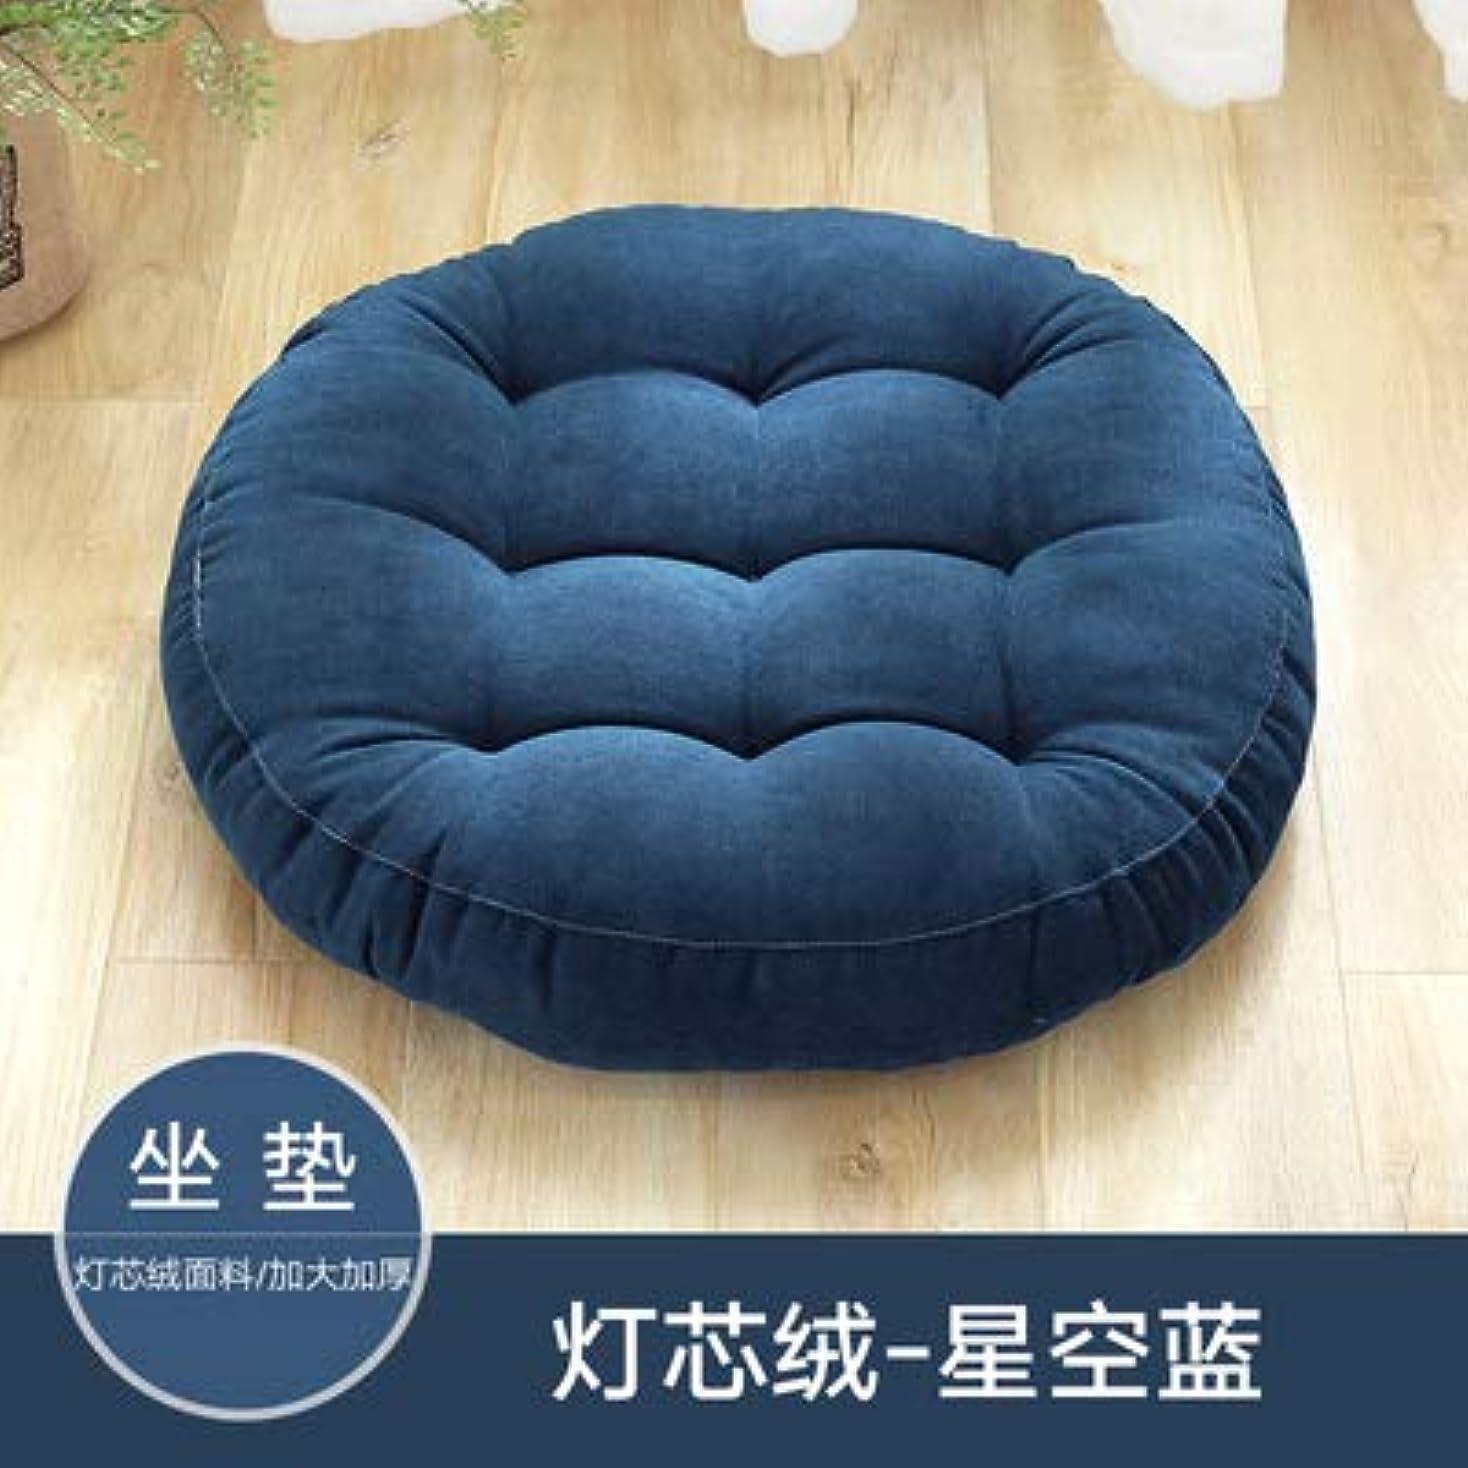 イデオロギー核曲げるLIFE ラウンド厚い椅子のクッションフロアマットレスシートパッドソフトホームオフィスチェアクッションマットソフトスロー枕最高品質の床クッション クッション 椅子